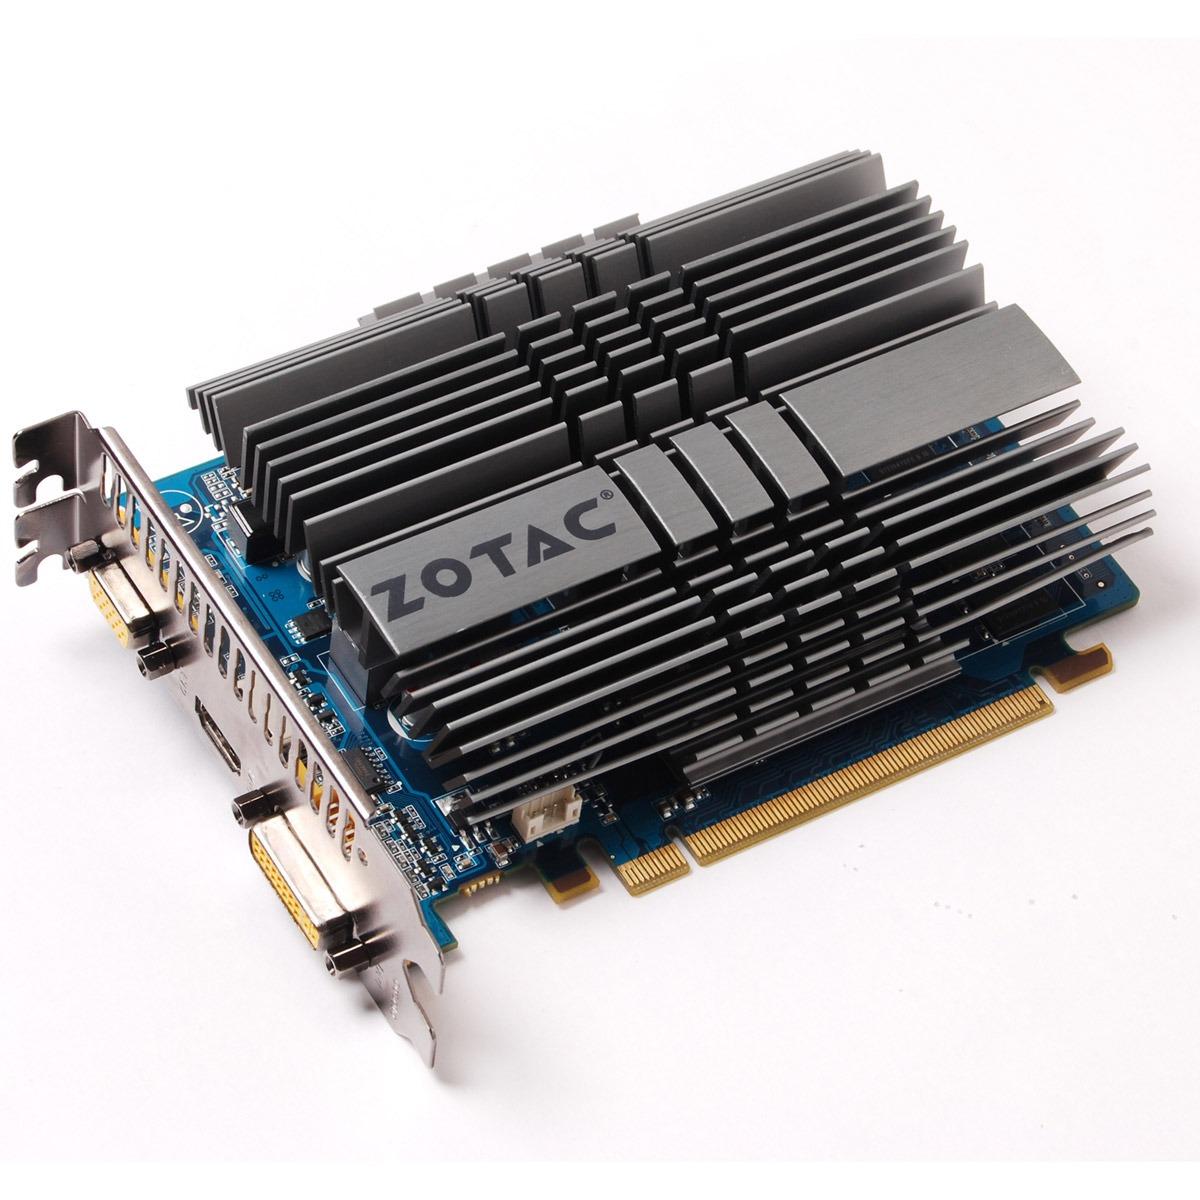 Carte graphique ZOTAC GeForce GT 220 1 GB ZOTAC GeForce GT 220 1 GB - 1 Go HDMI/DVI - PCI Express (NVIDIA GeForce avec CUDA GT 220)